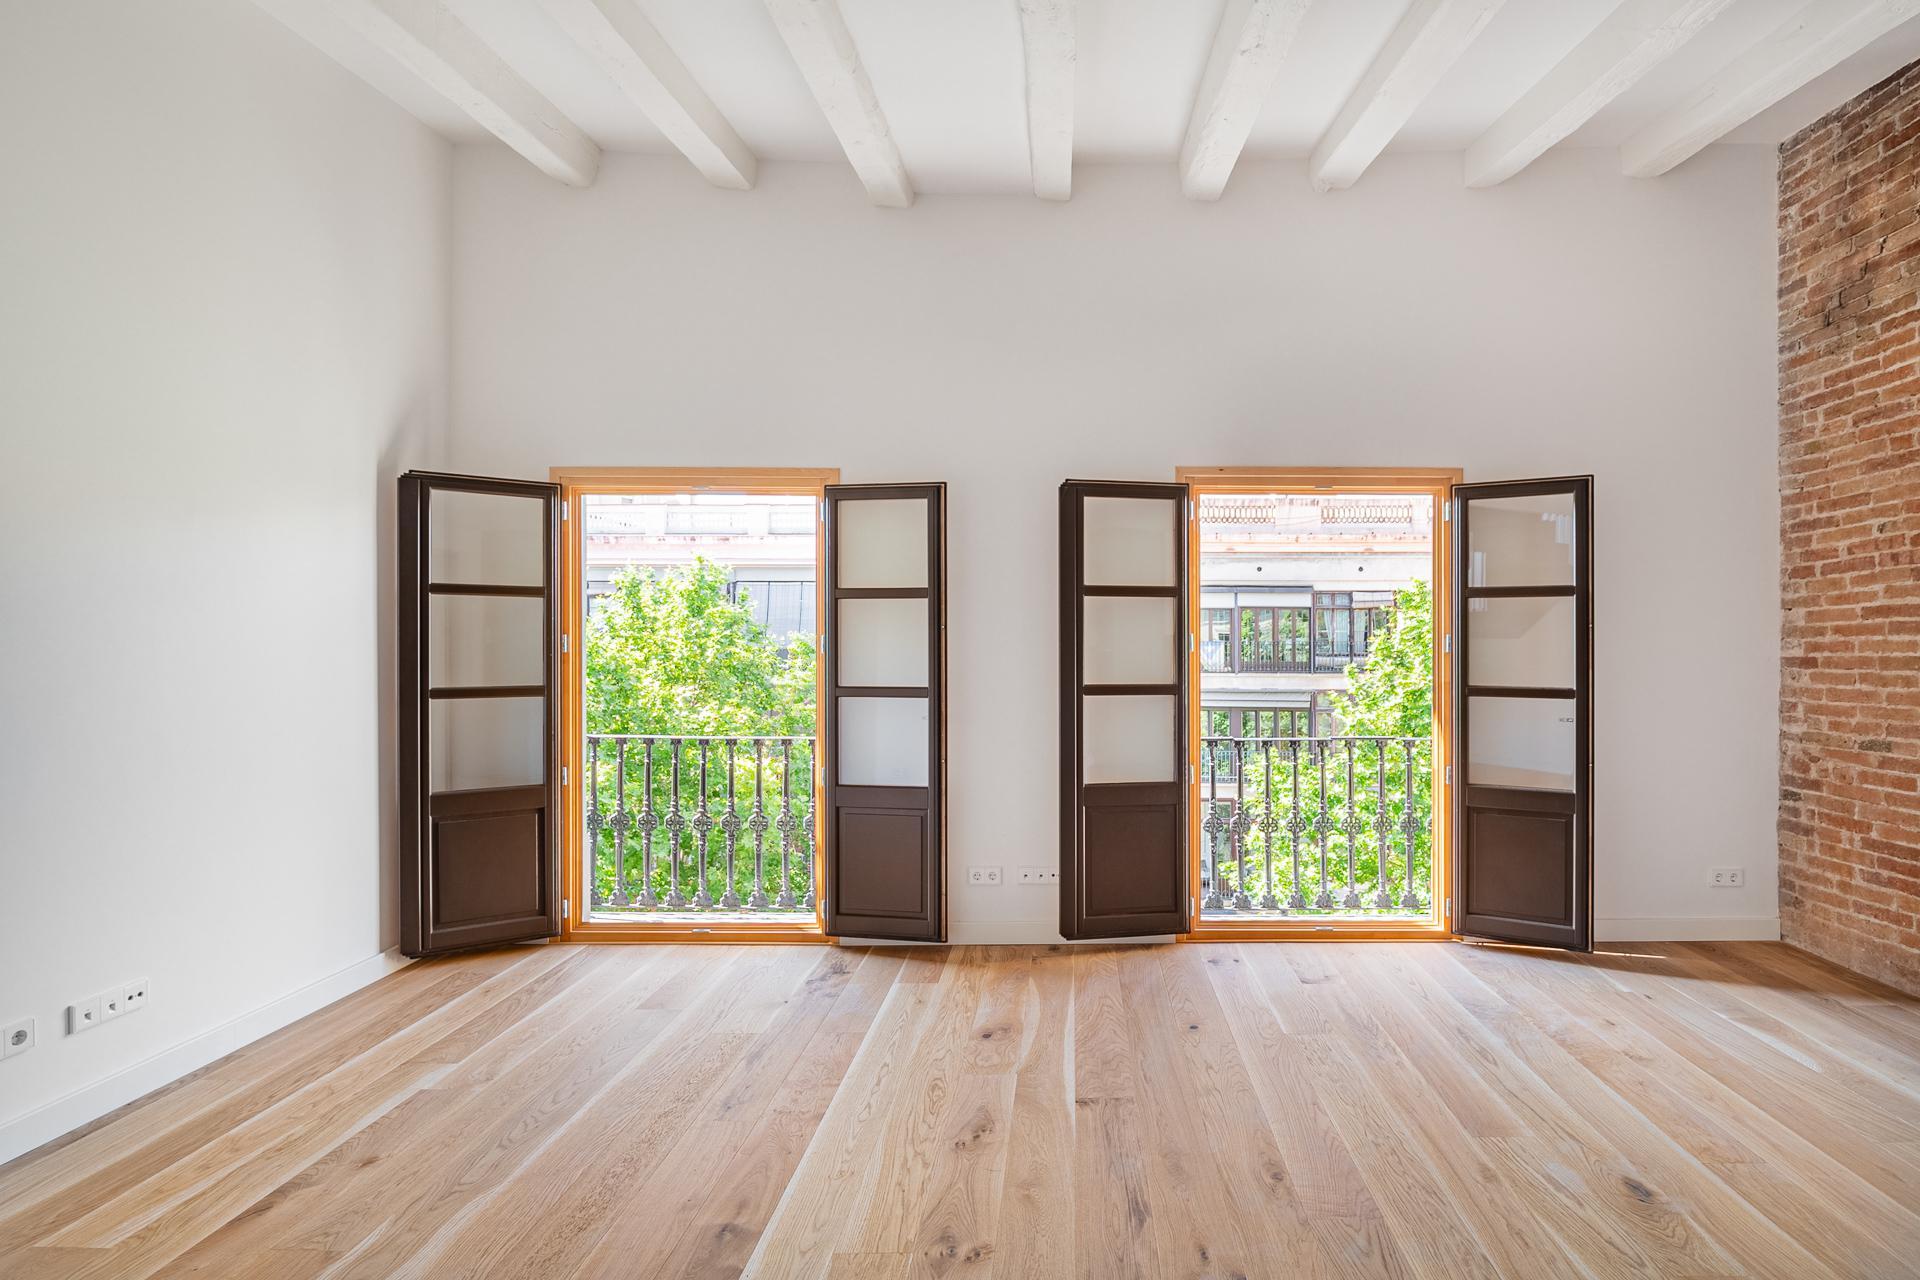 245902 Penthouse for sale in Ciutat Vella, St. Pere St. Caterina and La Ribera 2